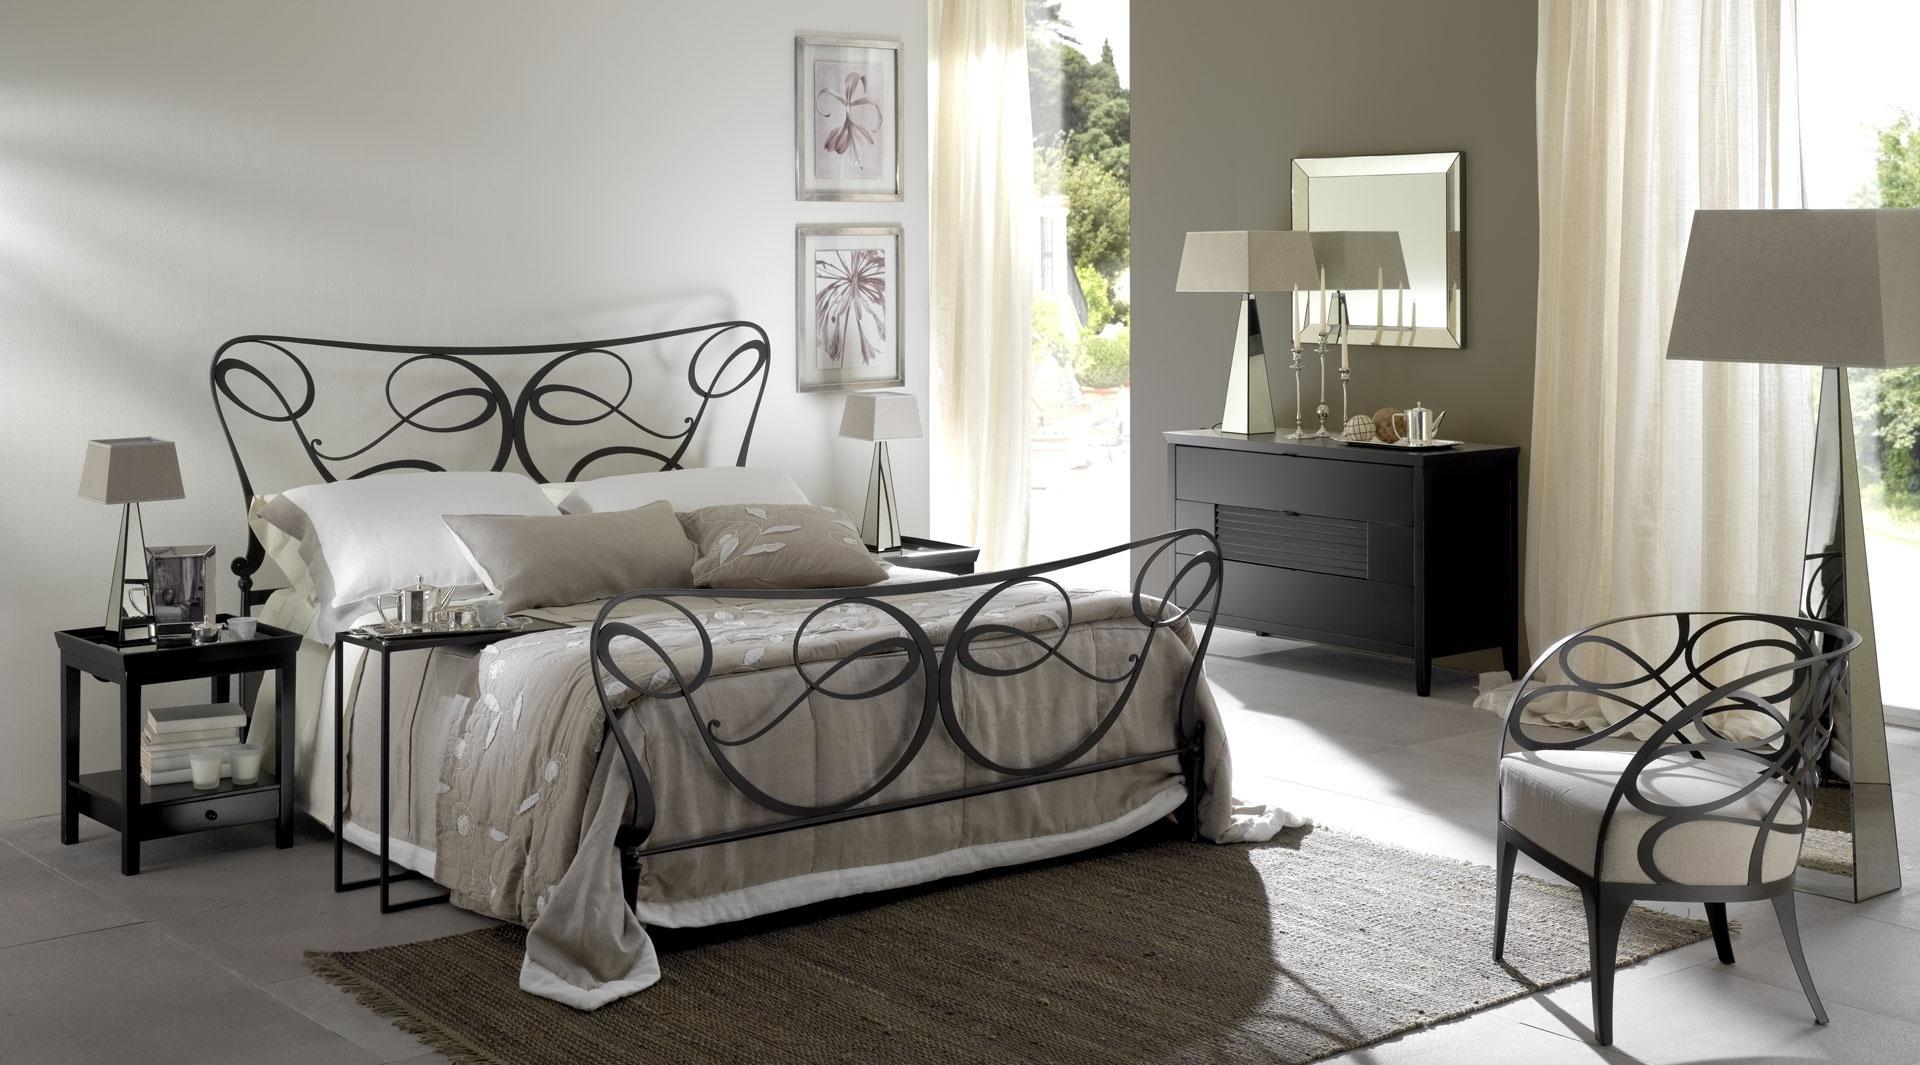 Металлическая кровать в стиле ар-деко